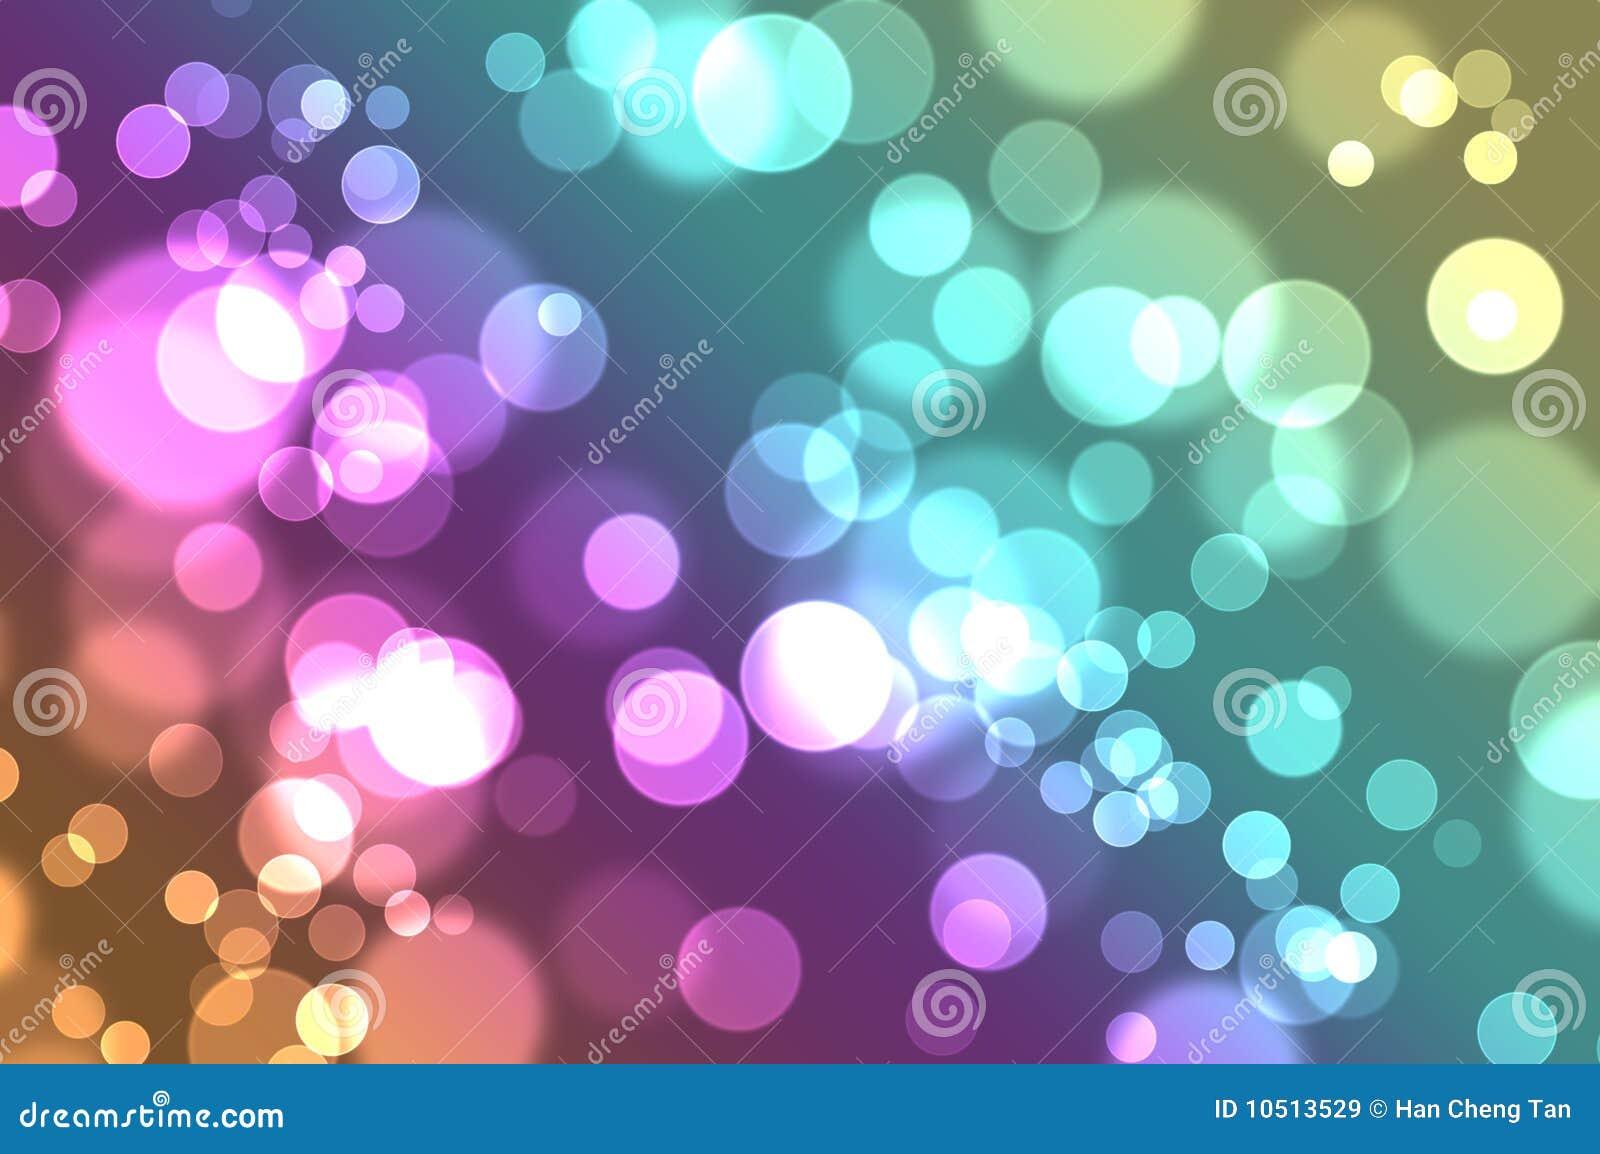 Sparkles Wallpaper Stock Illustration Illustration Of Bokeh